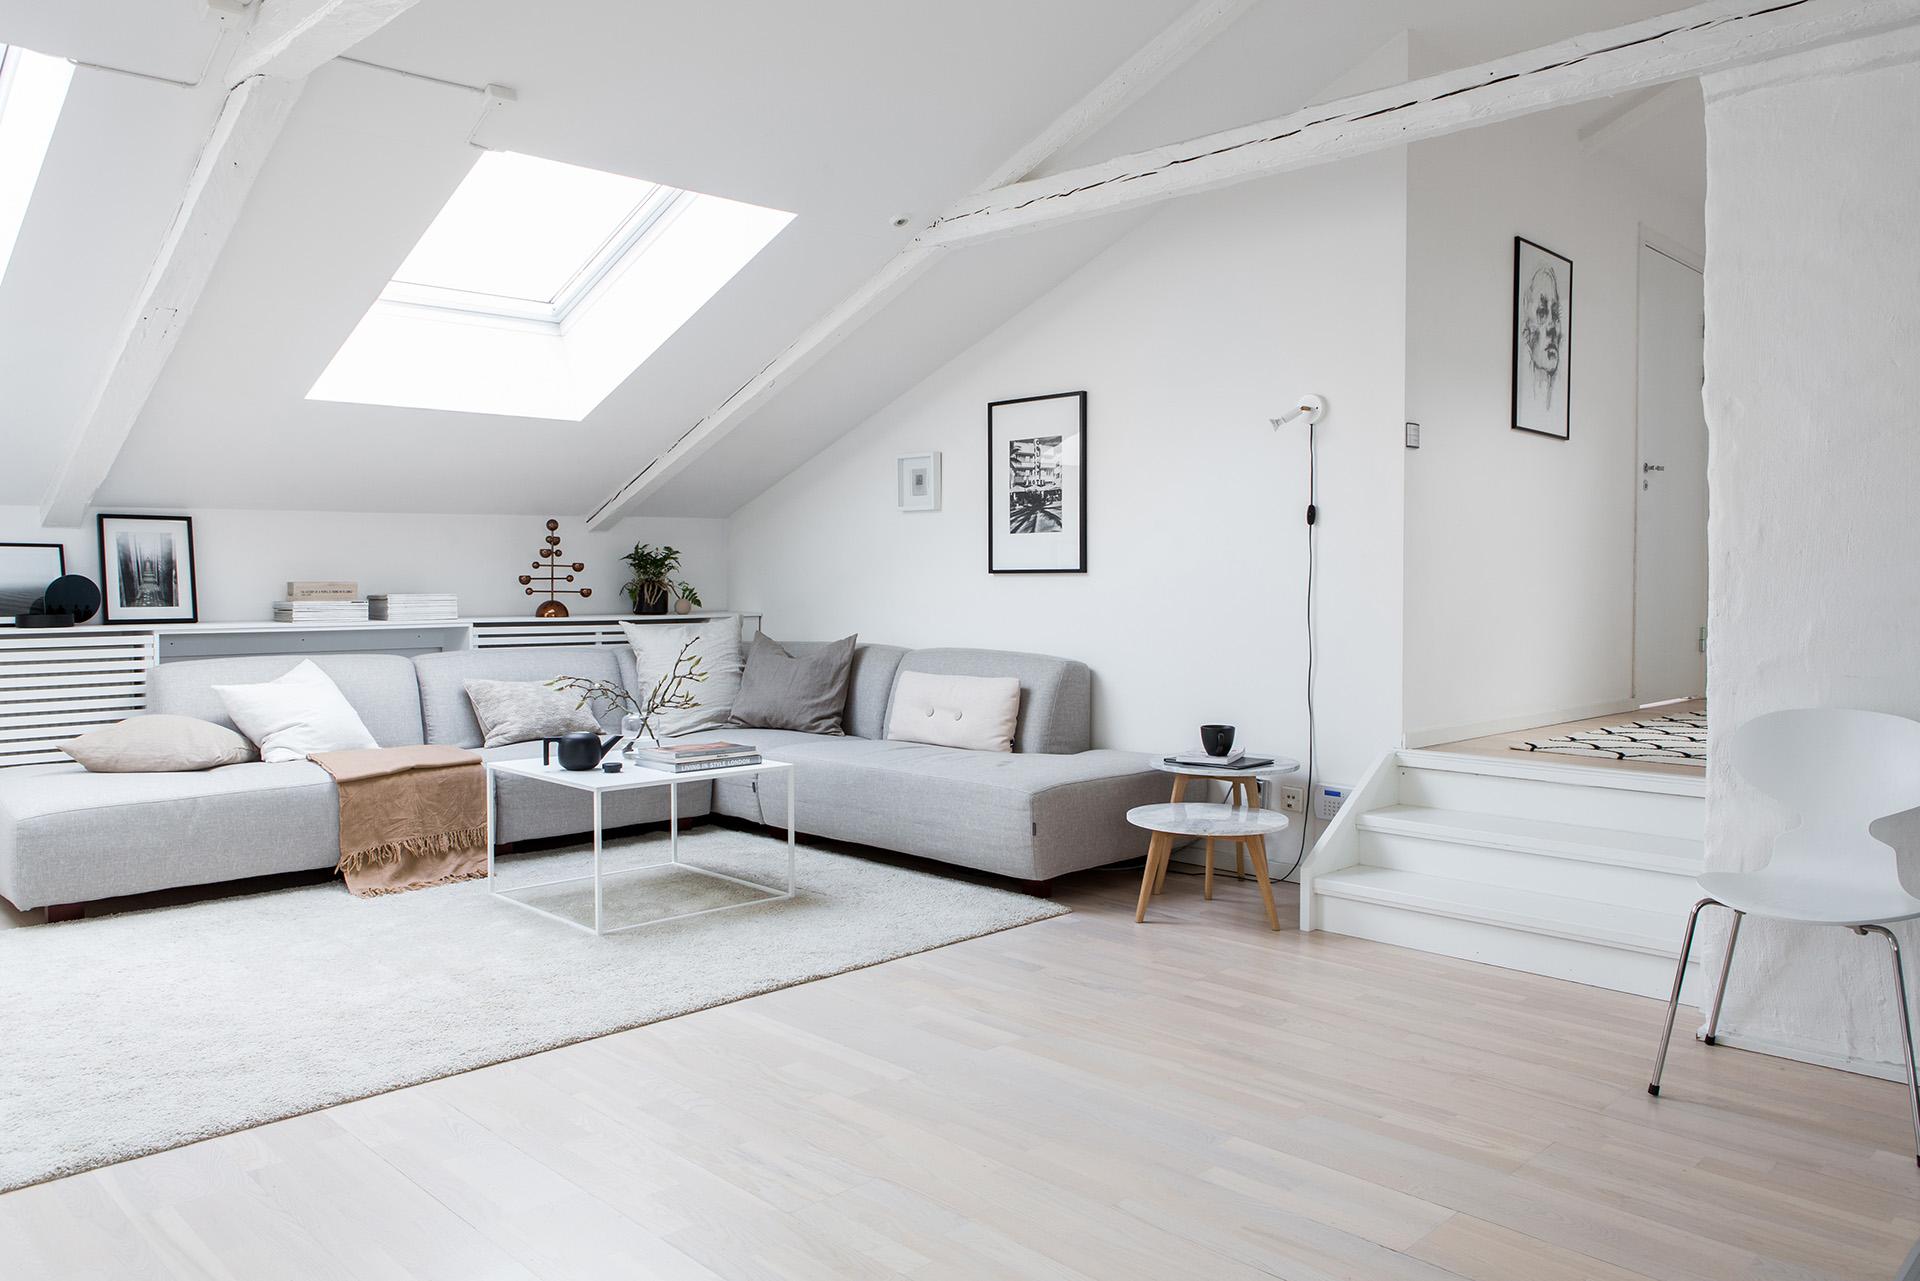 Trasformazione Sottotetto In Abitazione 5 idee per recuperare spazio in casa